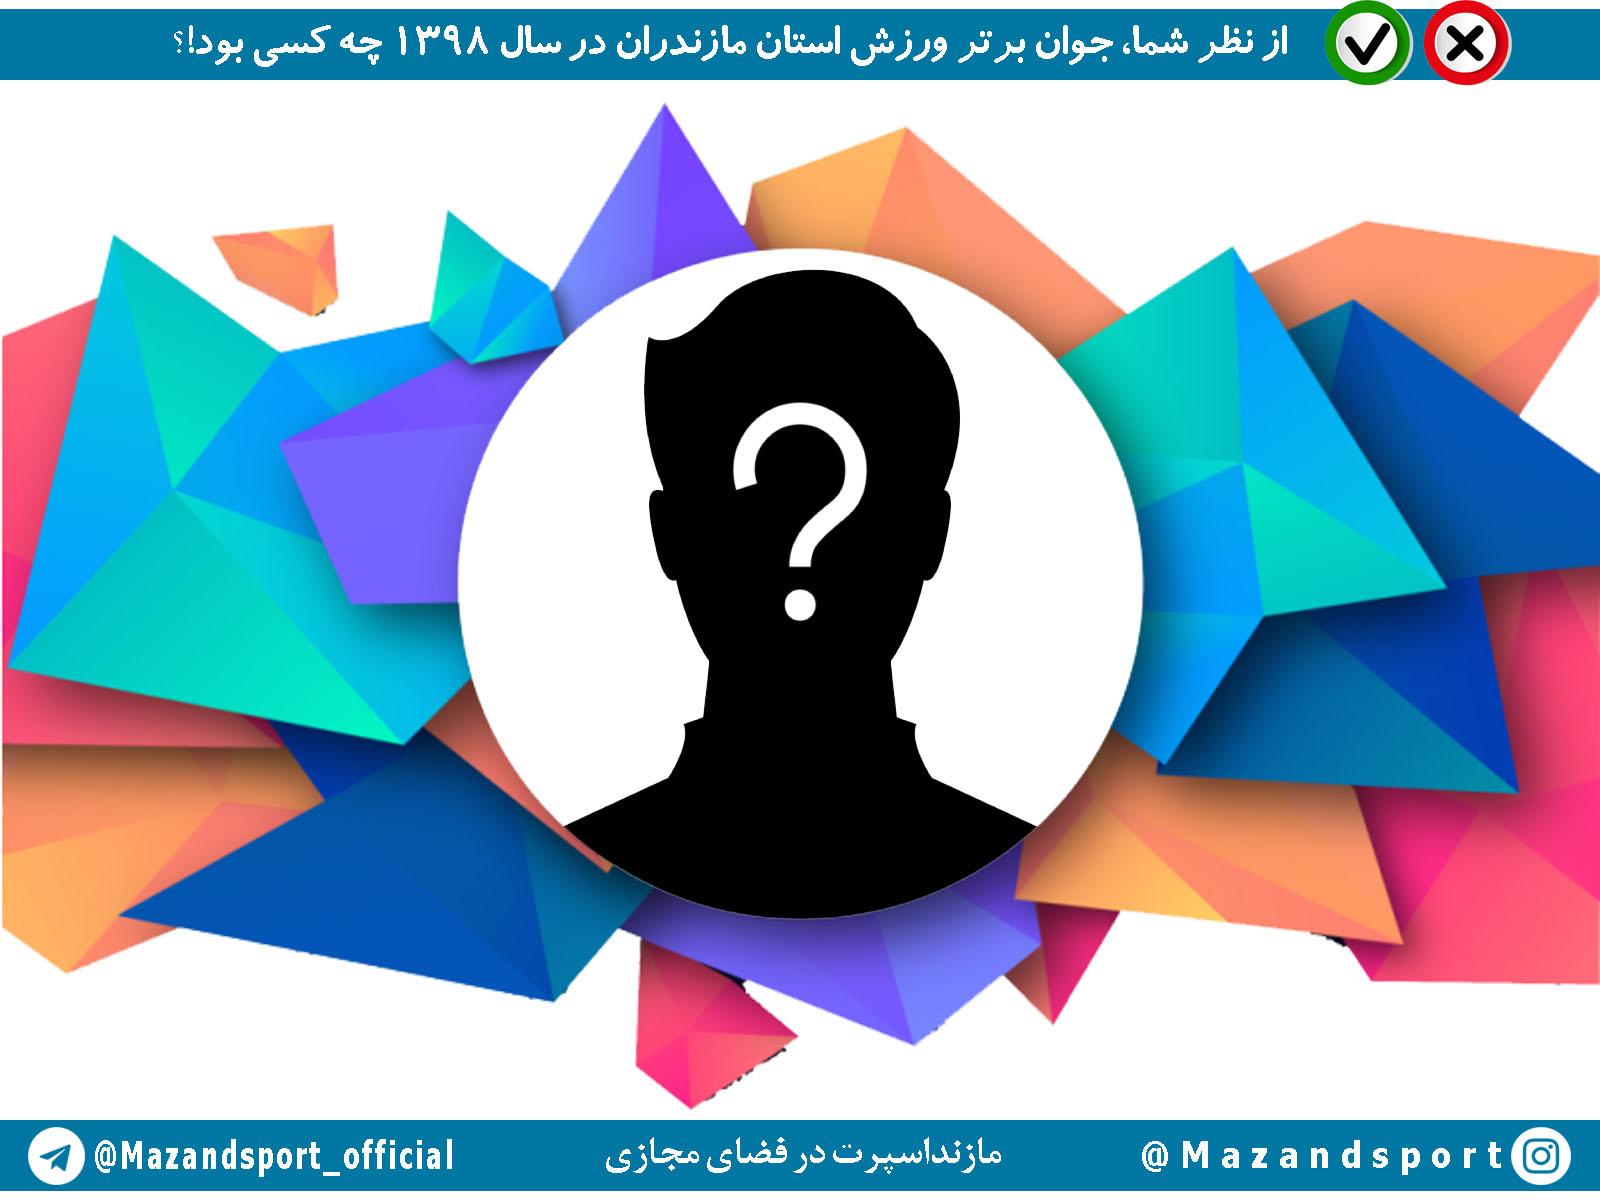 جوان برتر ورزش استان مازندران در سال ۱۳۹۸ را انتخاب کنید + عکس کاندیدا